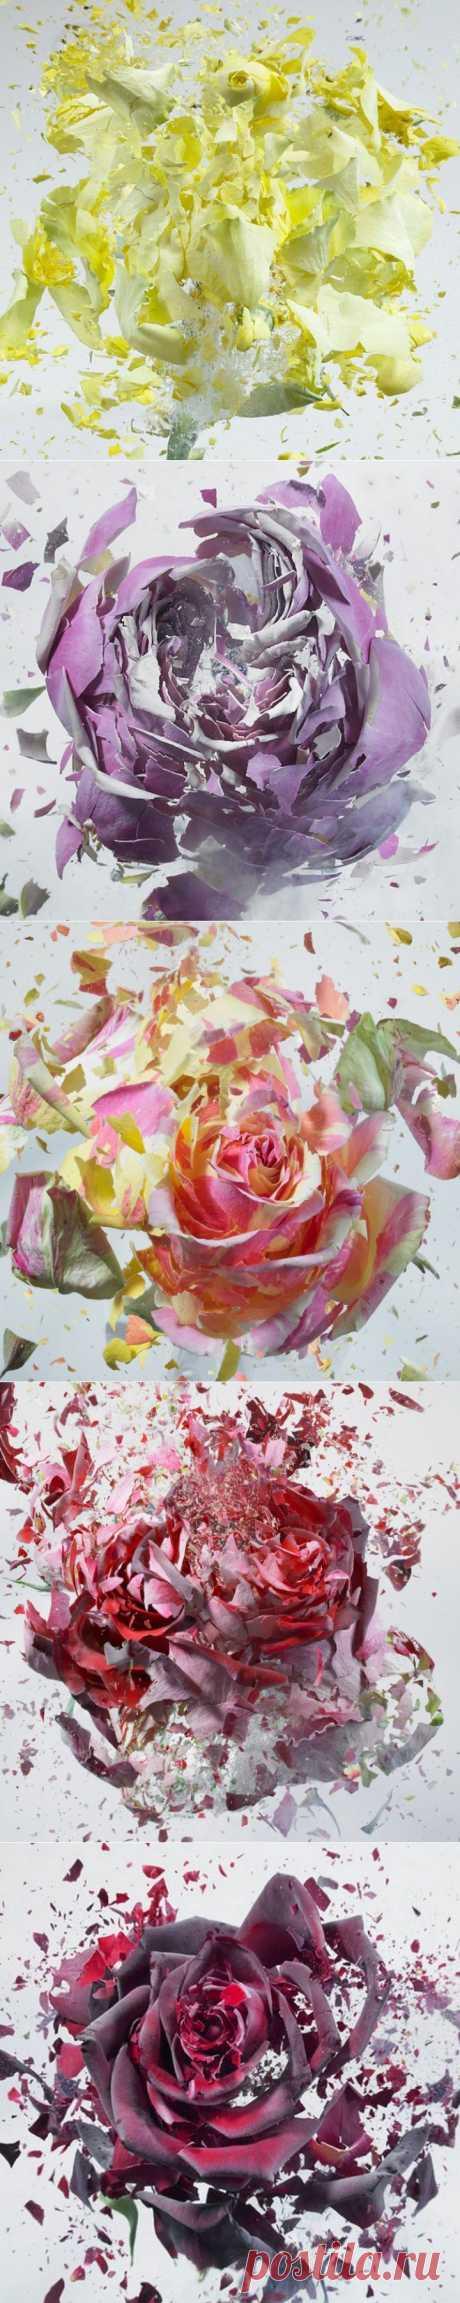 (+1) тема - Цветочные взрывы в высокоскоростной съемке Мартина Климаса | Занимательный журнал